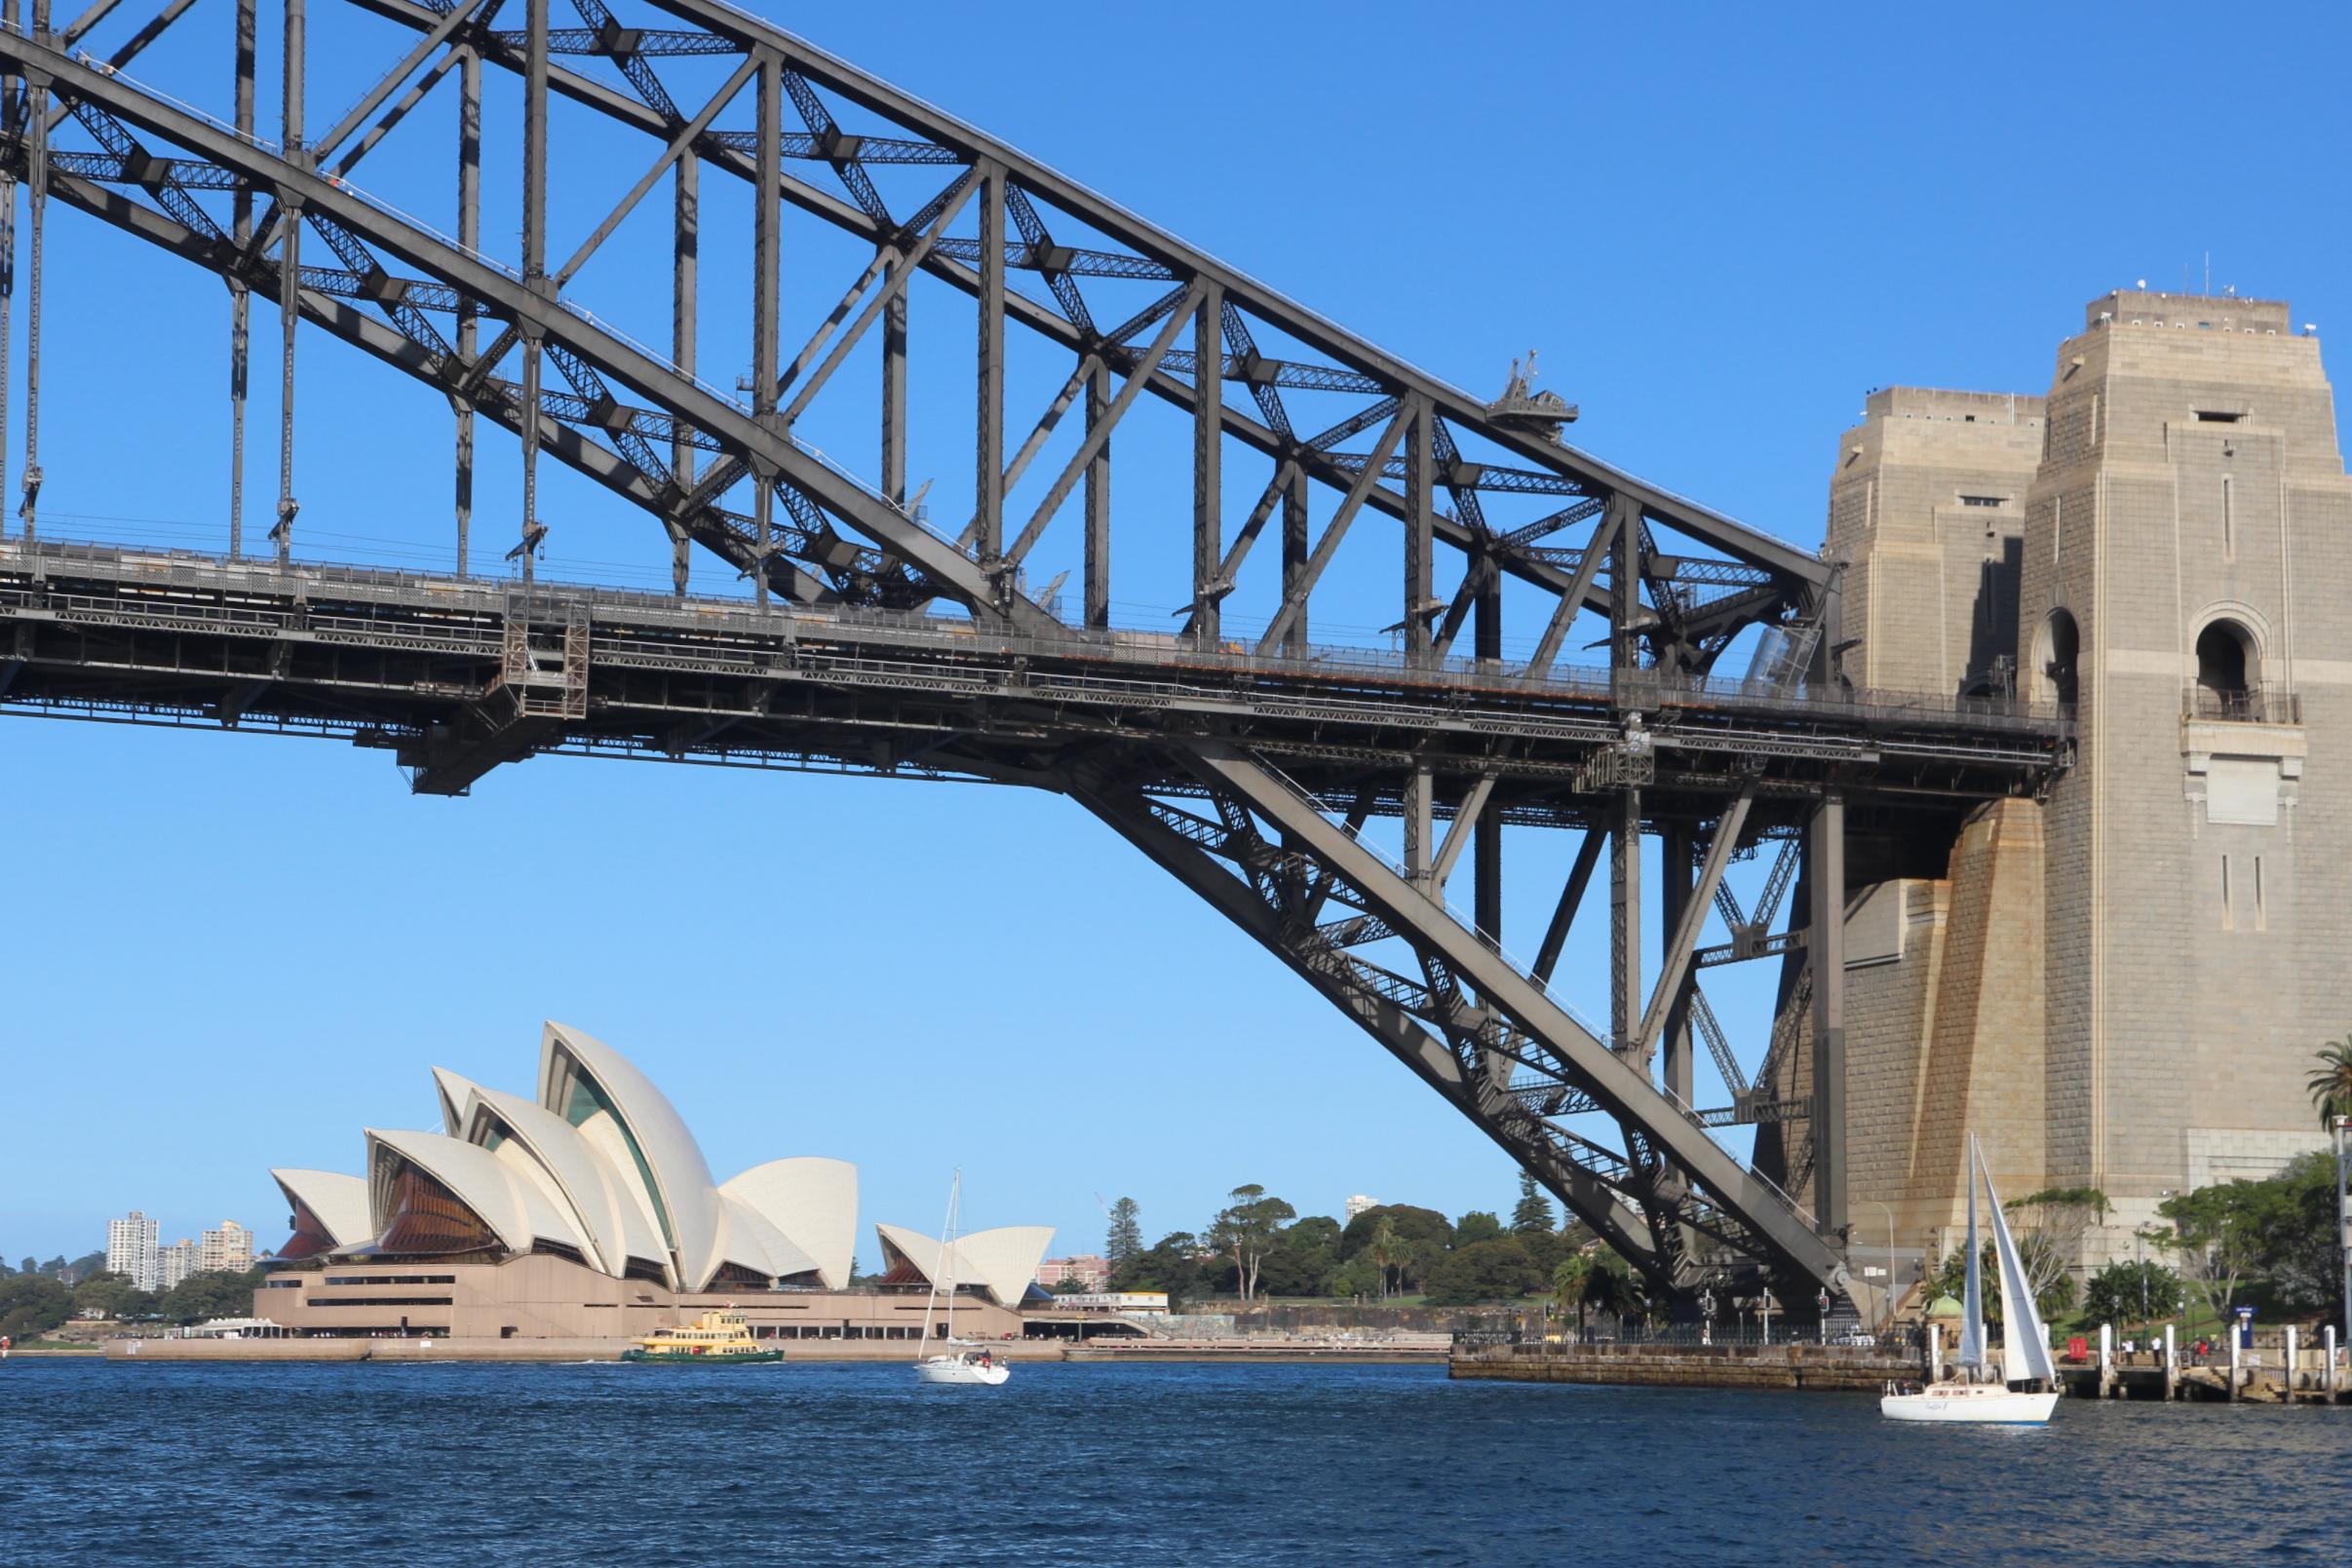 sydney harobur bridge and opera house - View Sydney Harbour Bridge And Opera House Pictures  PNG